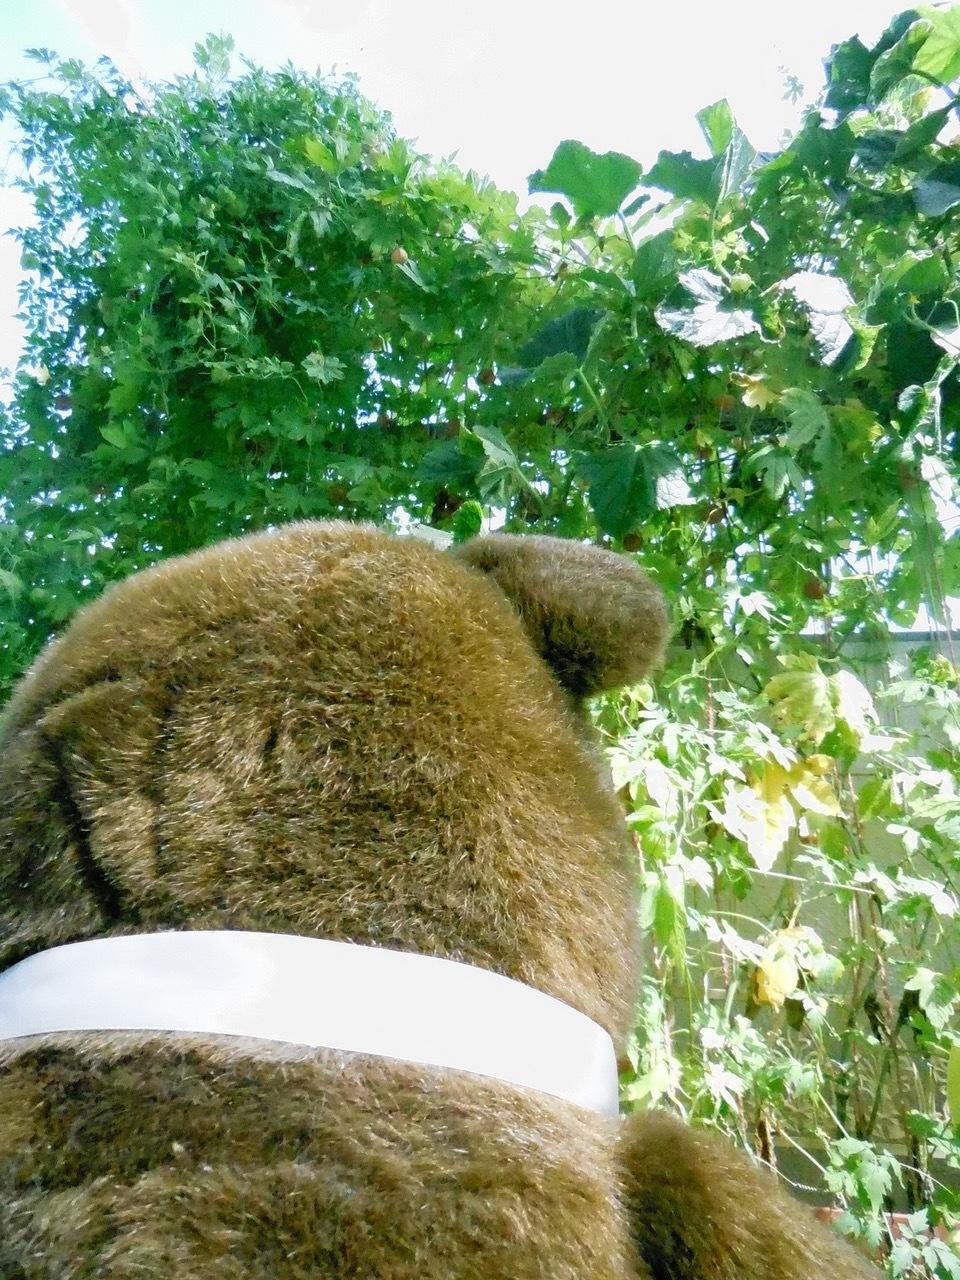 クマさんの分身?_e0356356_14320632.jpg